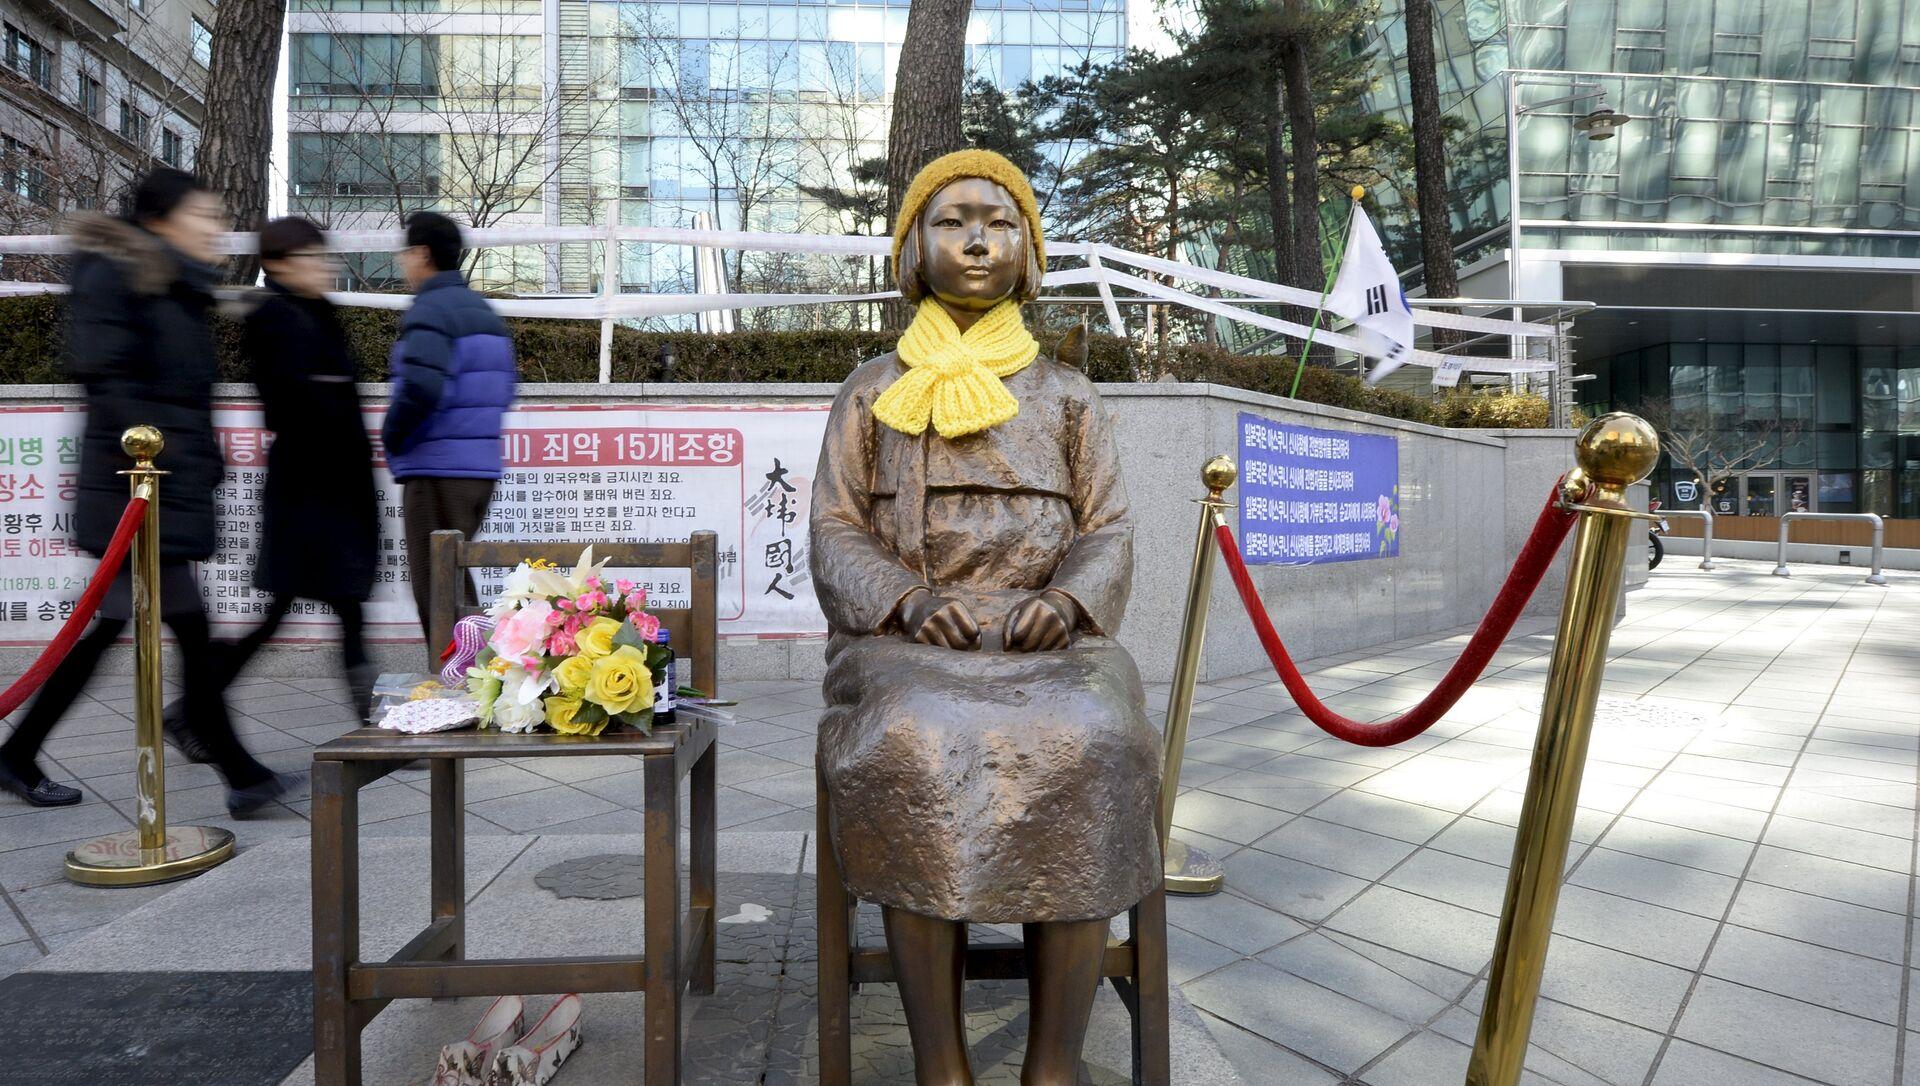 慰安婦問題 - Sputnik 日本, 1920, 29.06.2021